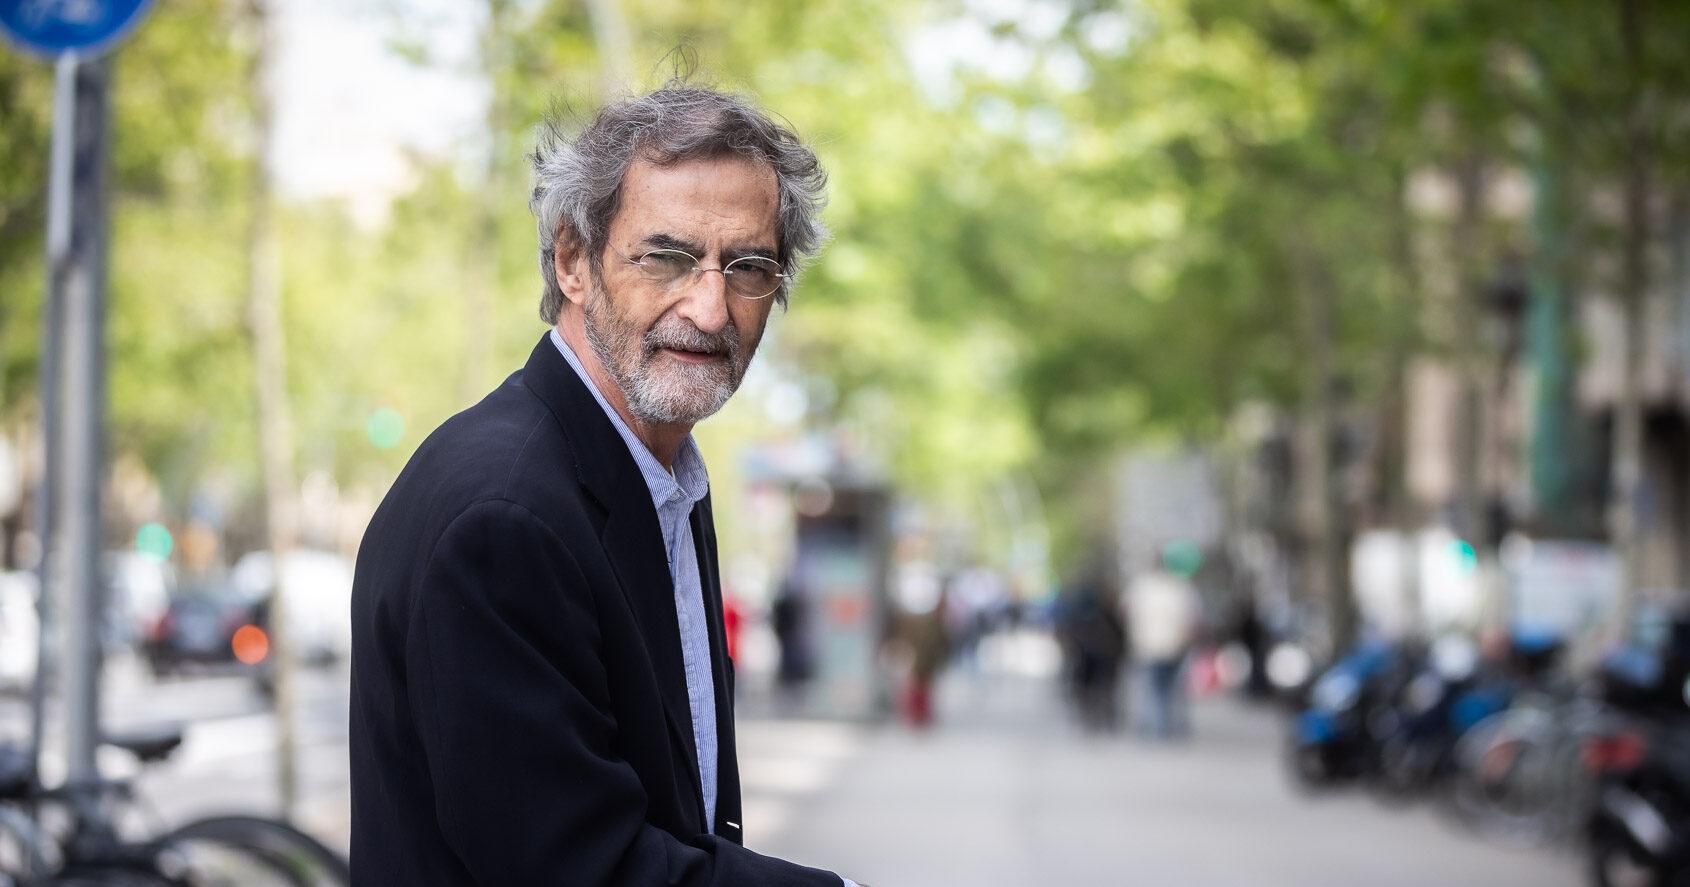 El farmacòleg Joan-Ramon Laporte a la Gran Via de les Corts Catalanes de Barcelona / Jordi Borràs